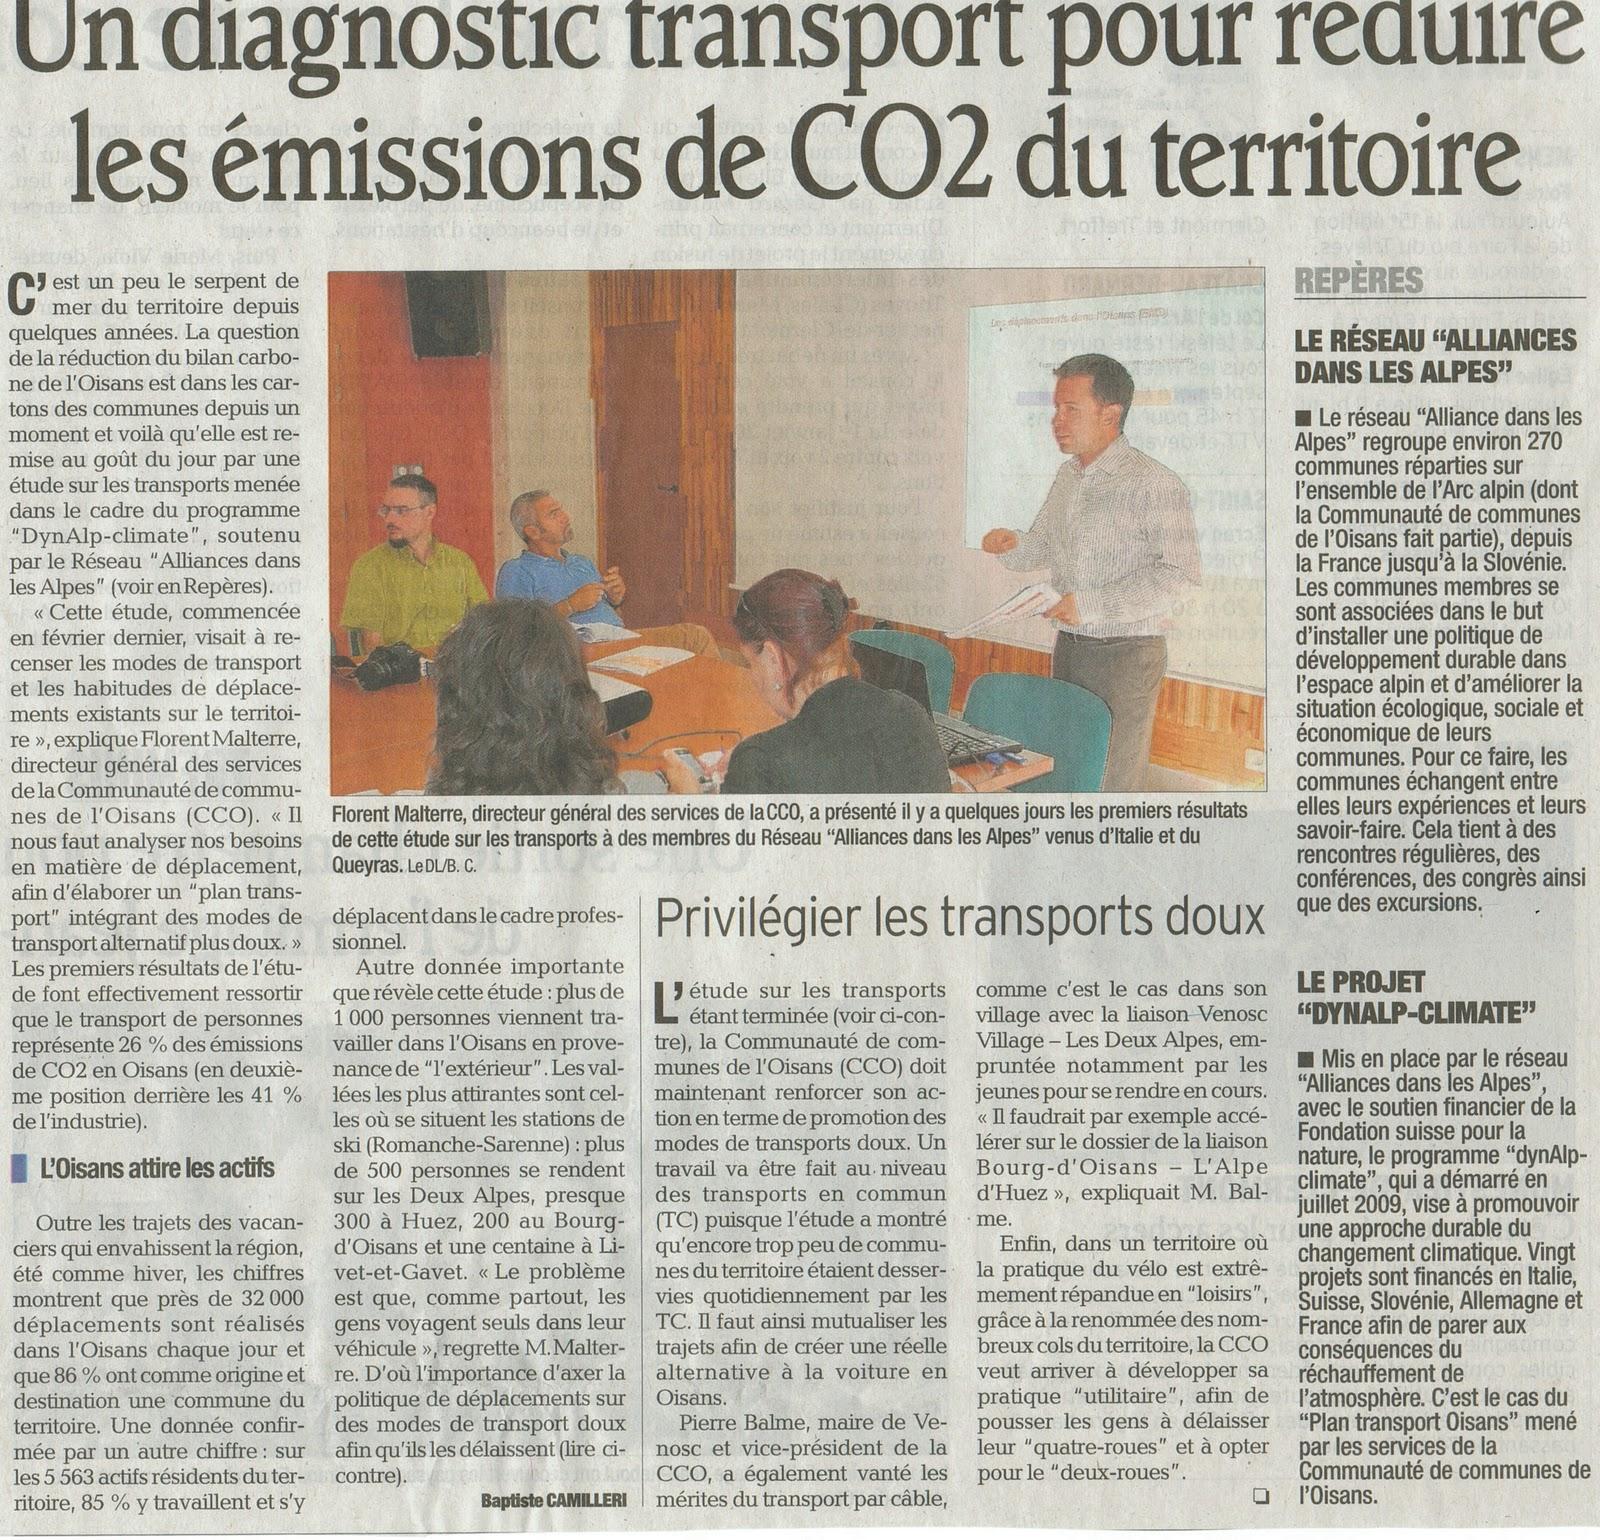 News de l 39 office de tourisme bourg d 39 oisans septembre 2011 - Bourg d oisans office tourisme ...